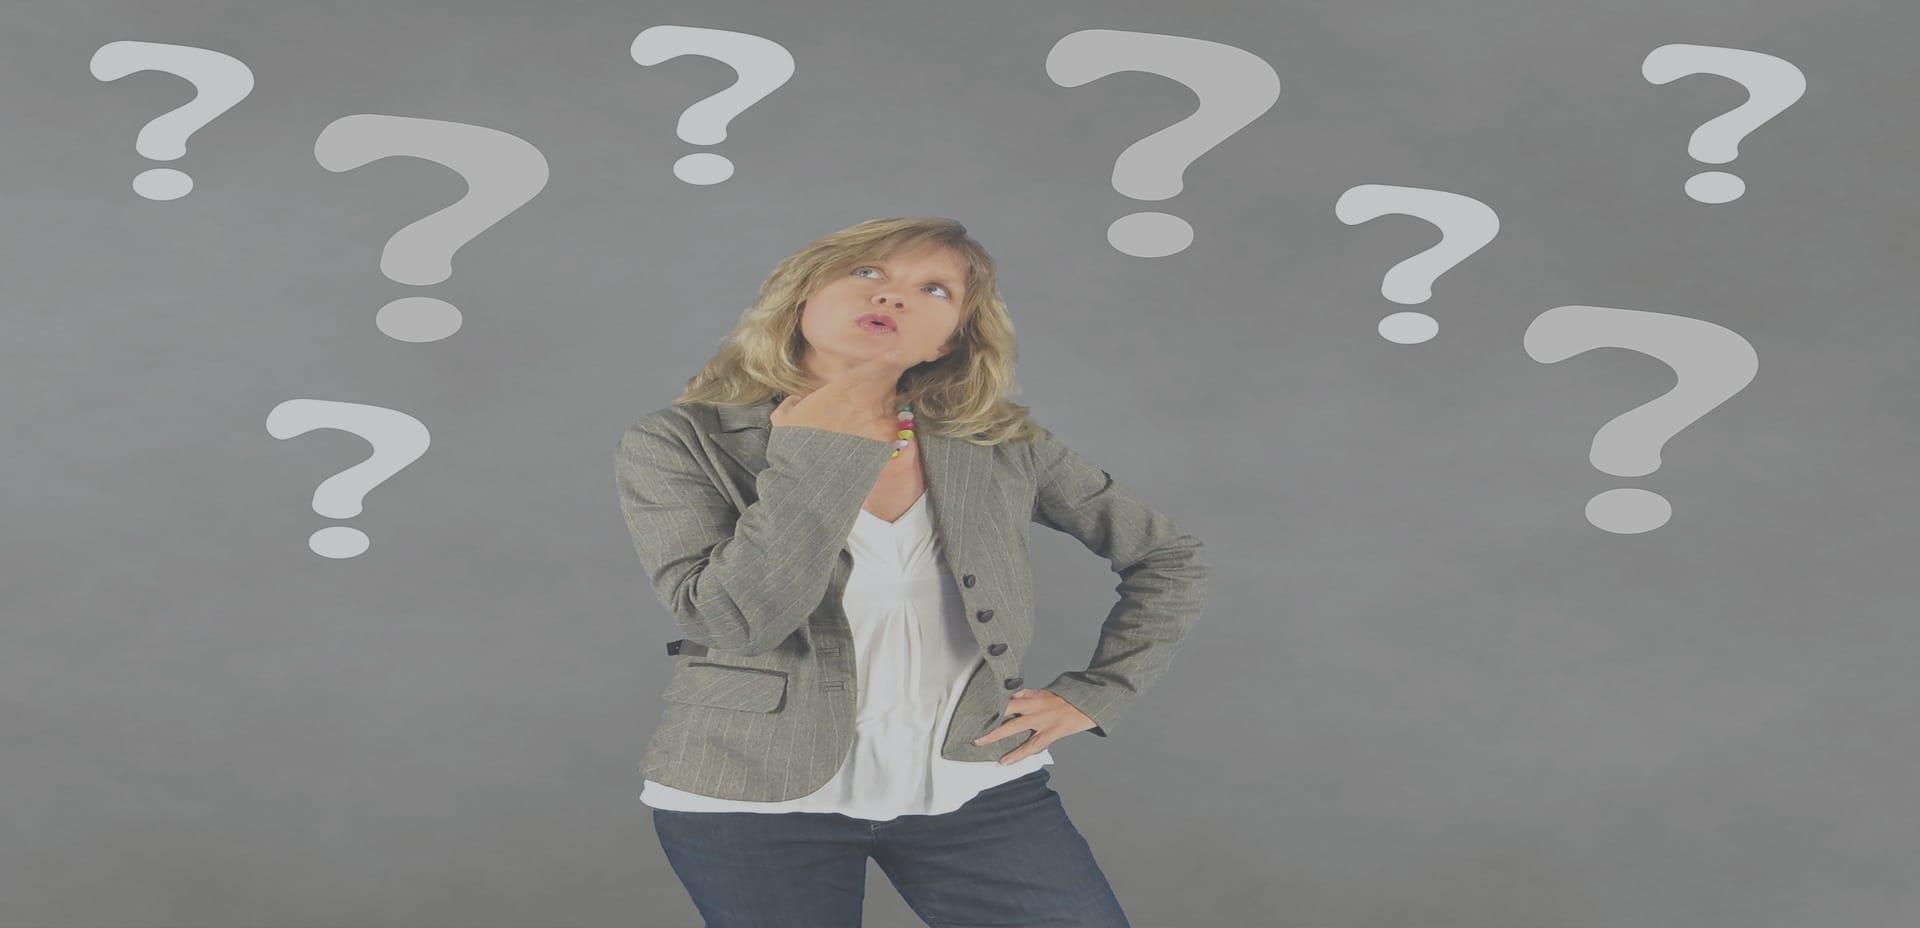 ¿Contrato un Community Manager o pongo a un empleado interno para llevar las redes sociales?